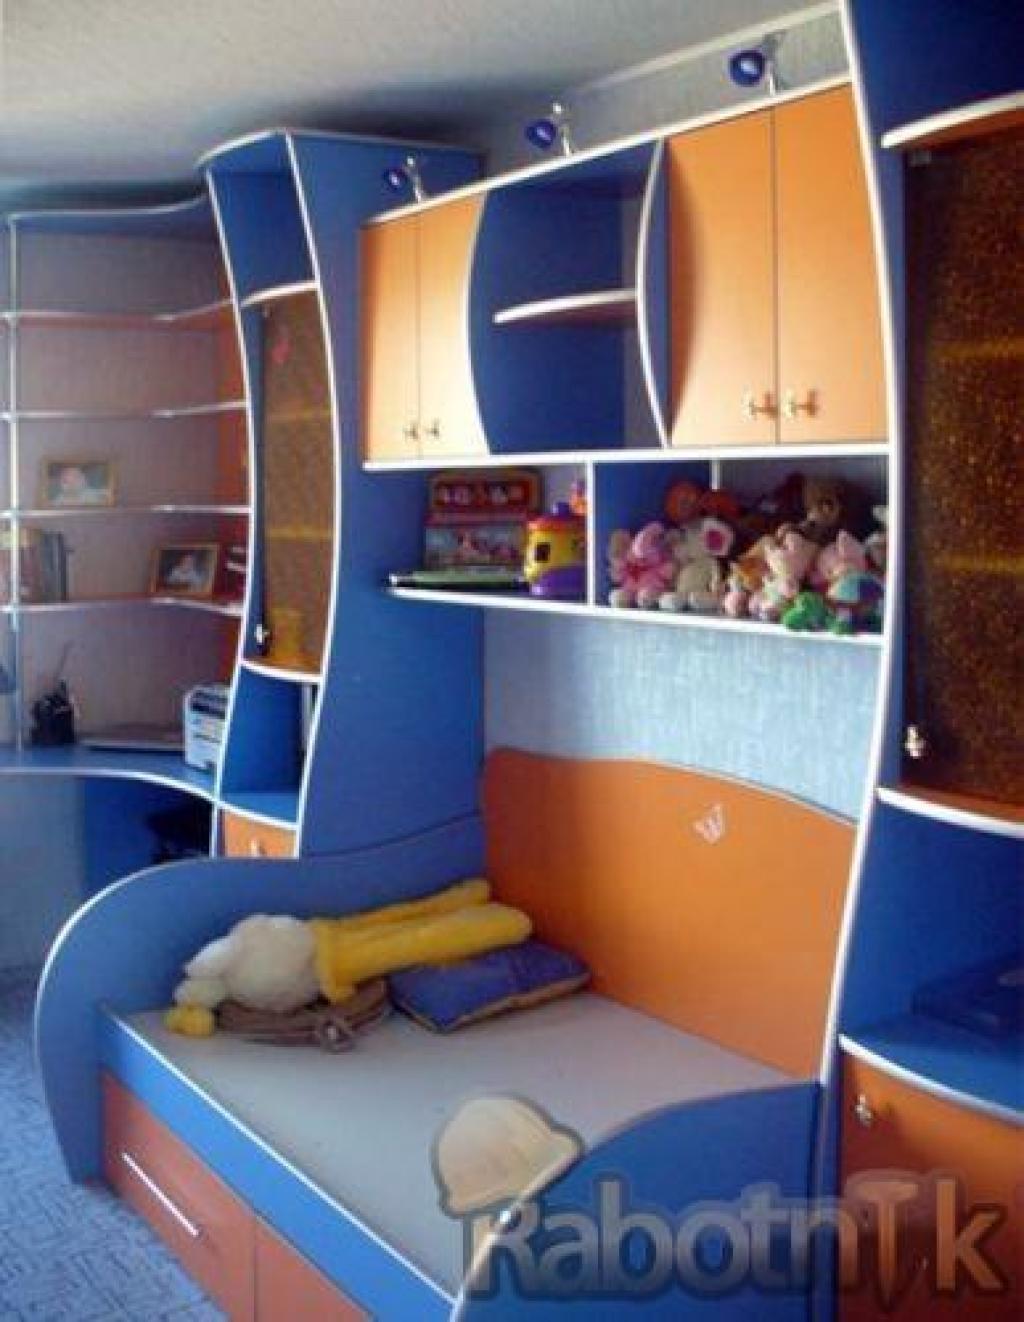 Если интересно-смотрите... - мебель - форум дети mail.ru.